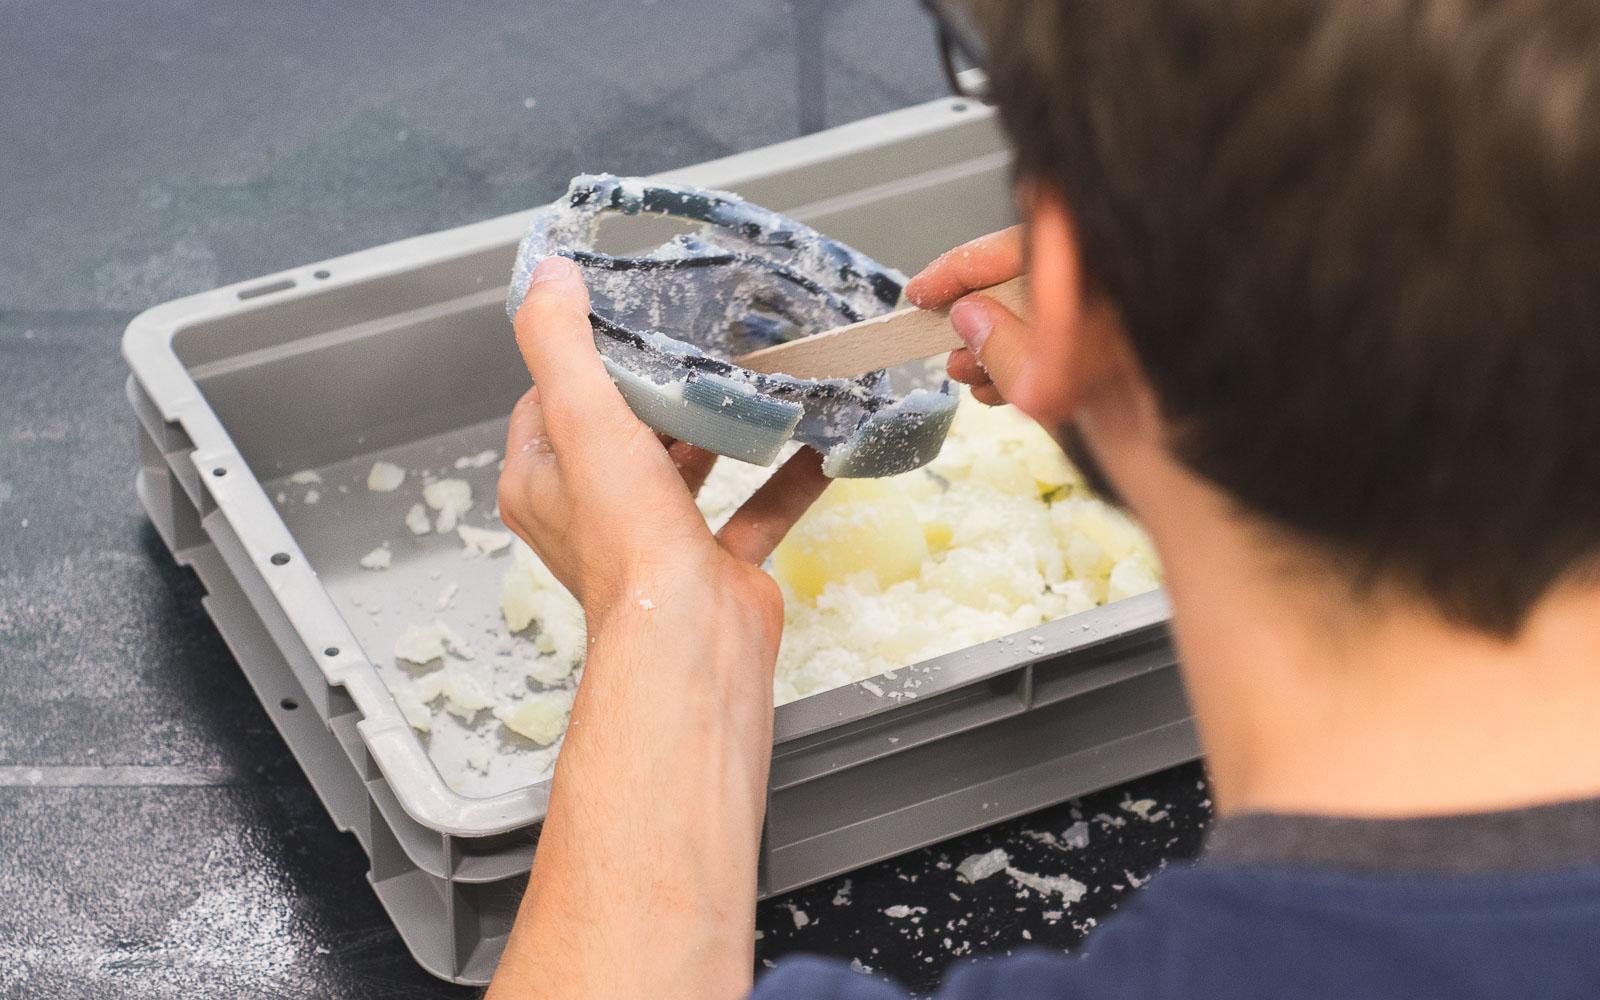 حذف متریال محلول در آب از قطعه ساخته شده با پرینتر سه بعدی پلی جت